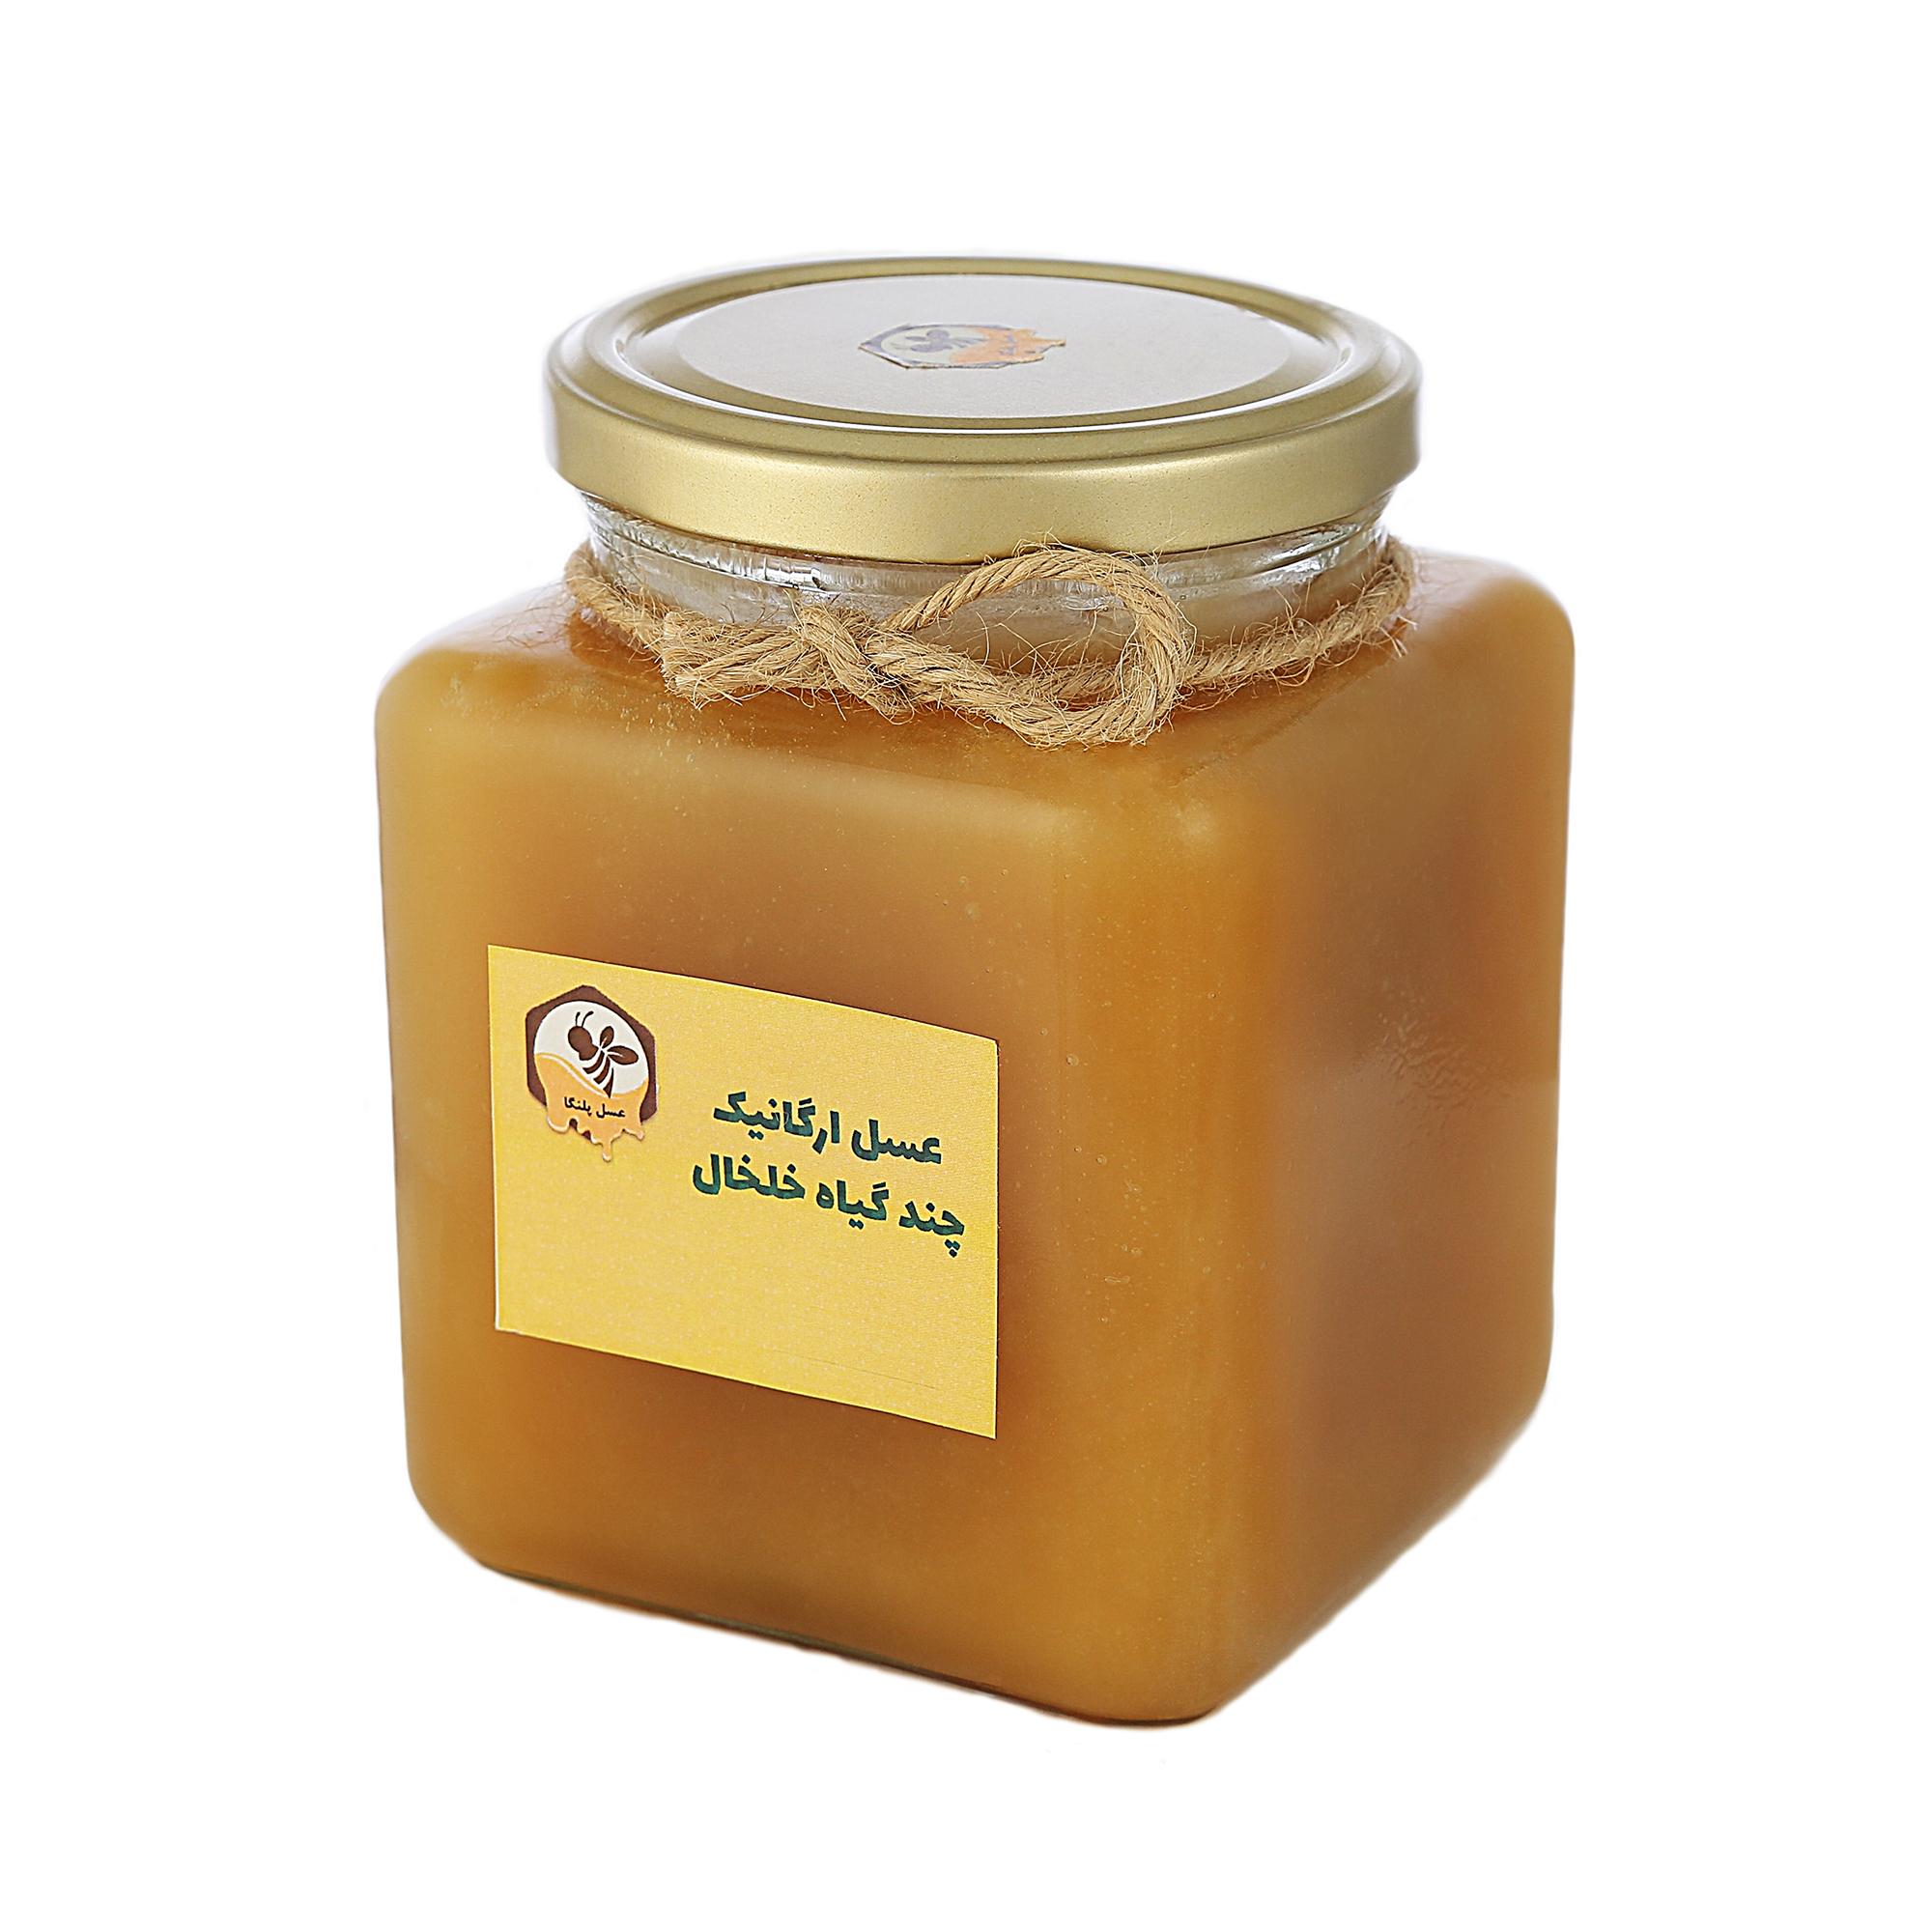 عسل چند گیاه خام پلنگا - 1 کیلوگرم